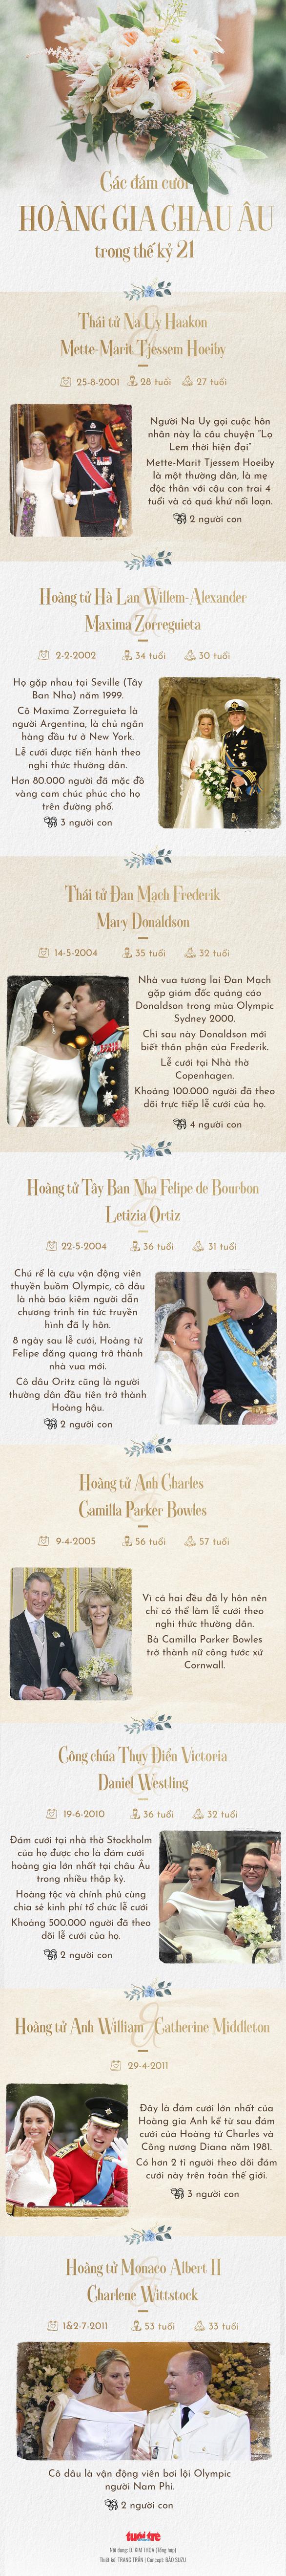 Các đám cưới Hoàng gia châu Âu trong thế kỷ 21 - Ảnh 1.